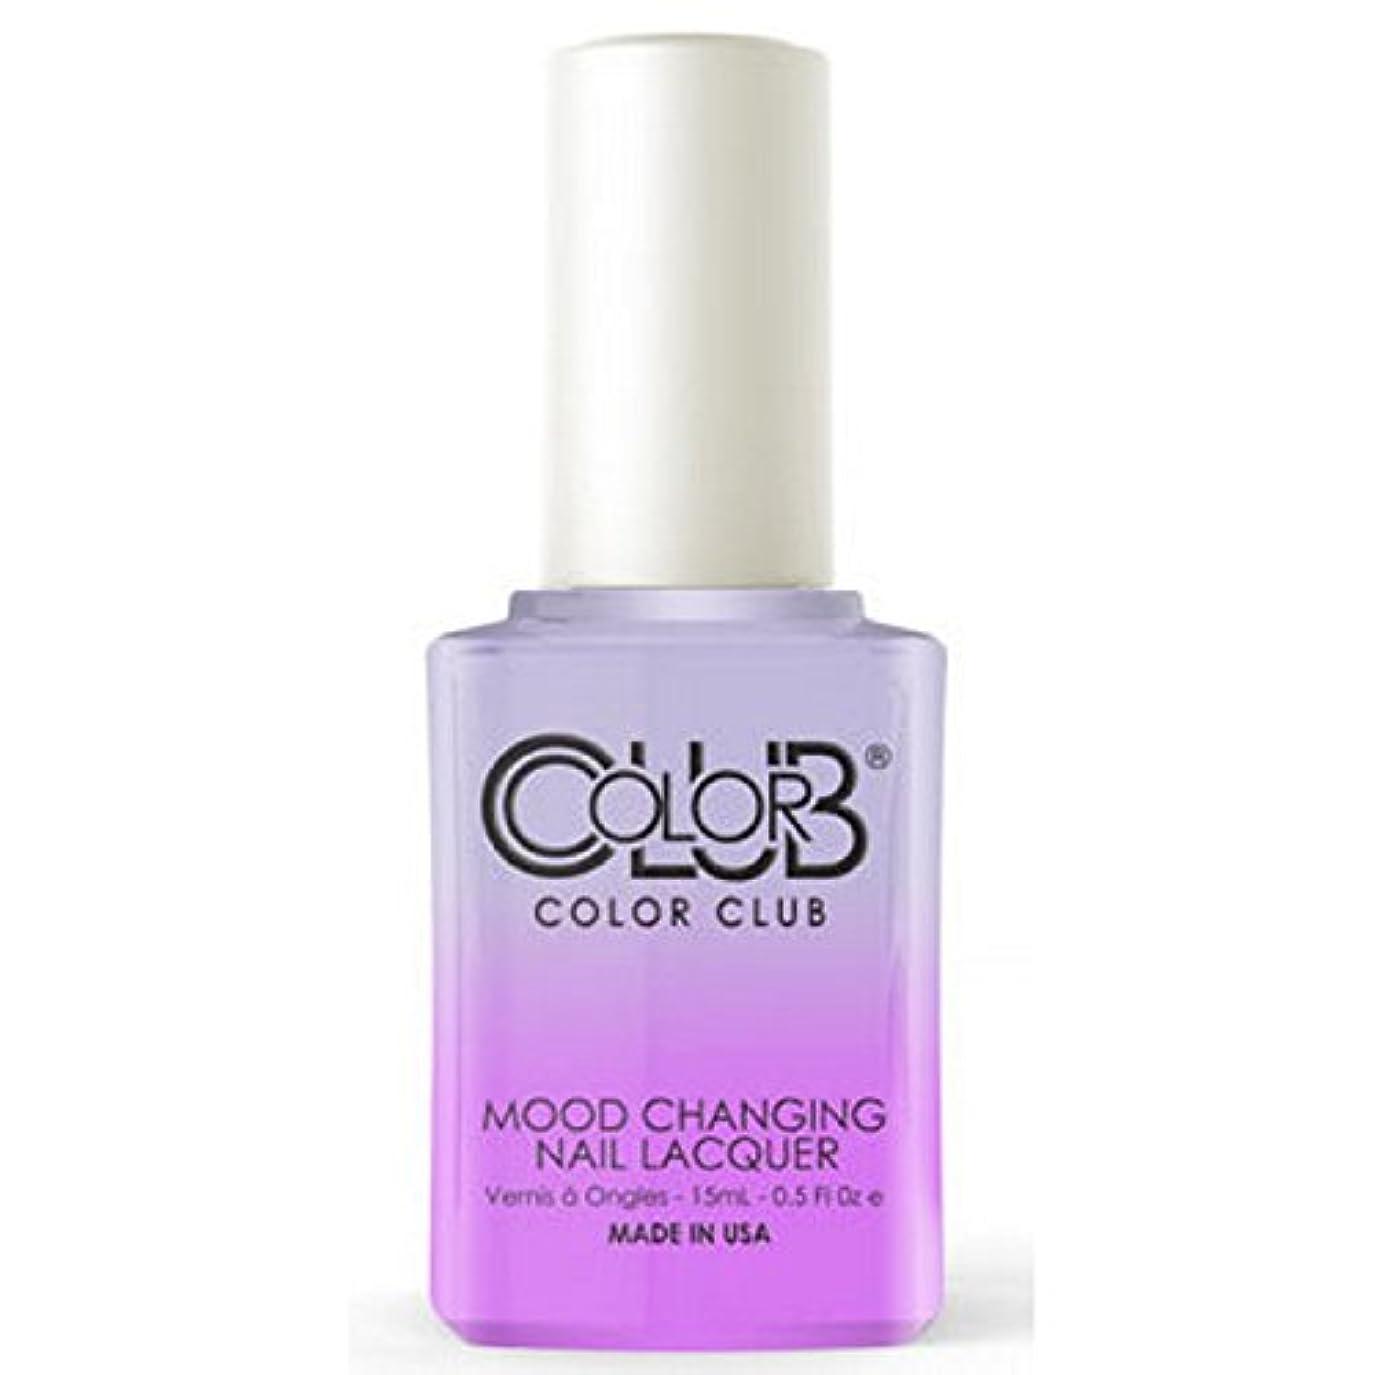 ラリー劣る予測するColor Club Mood Changing Nail Lacquer - Easy Breezy- 15 mL / 0.5 fl oz